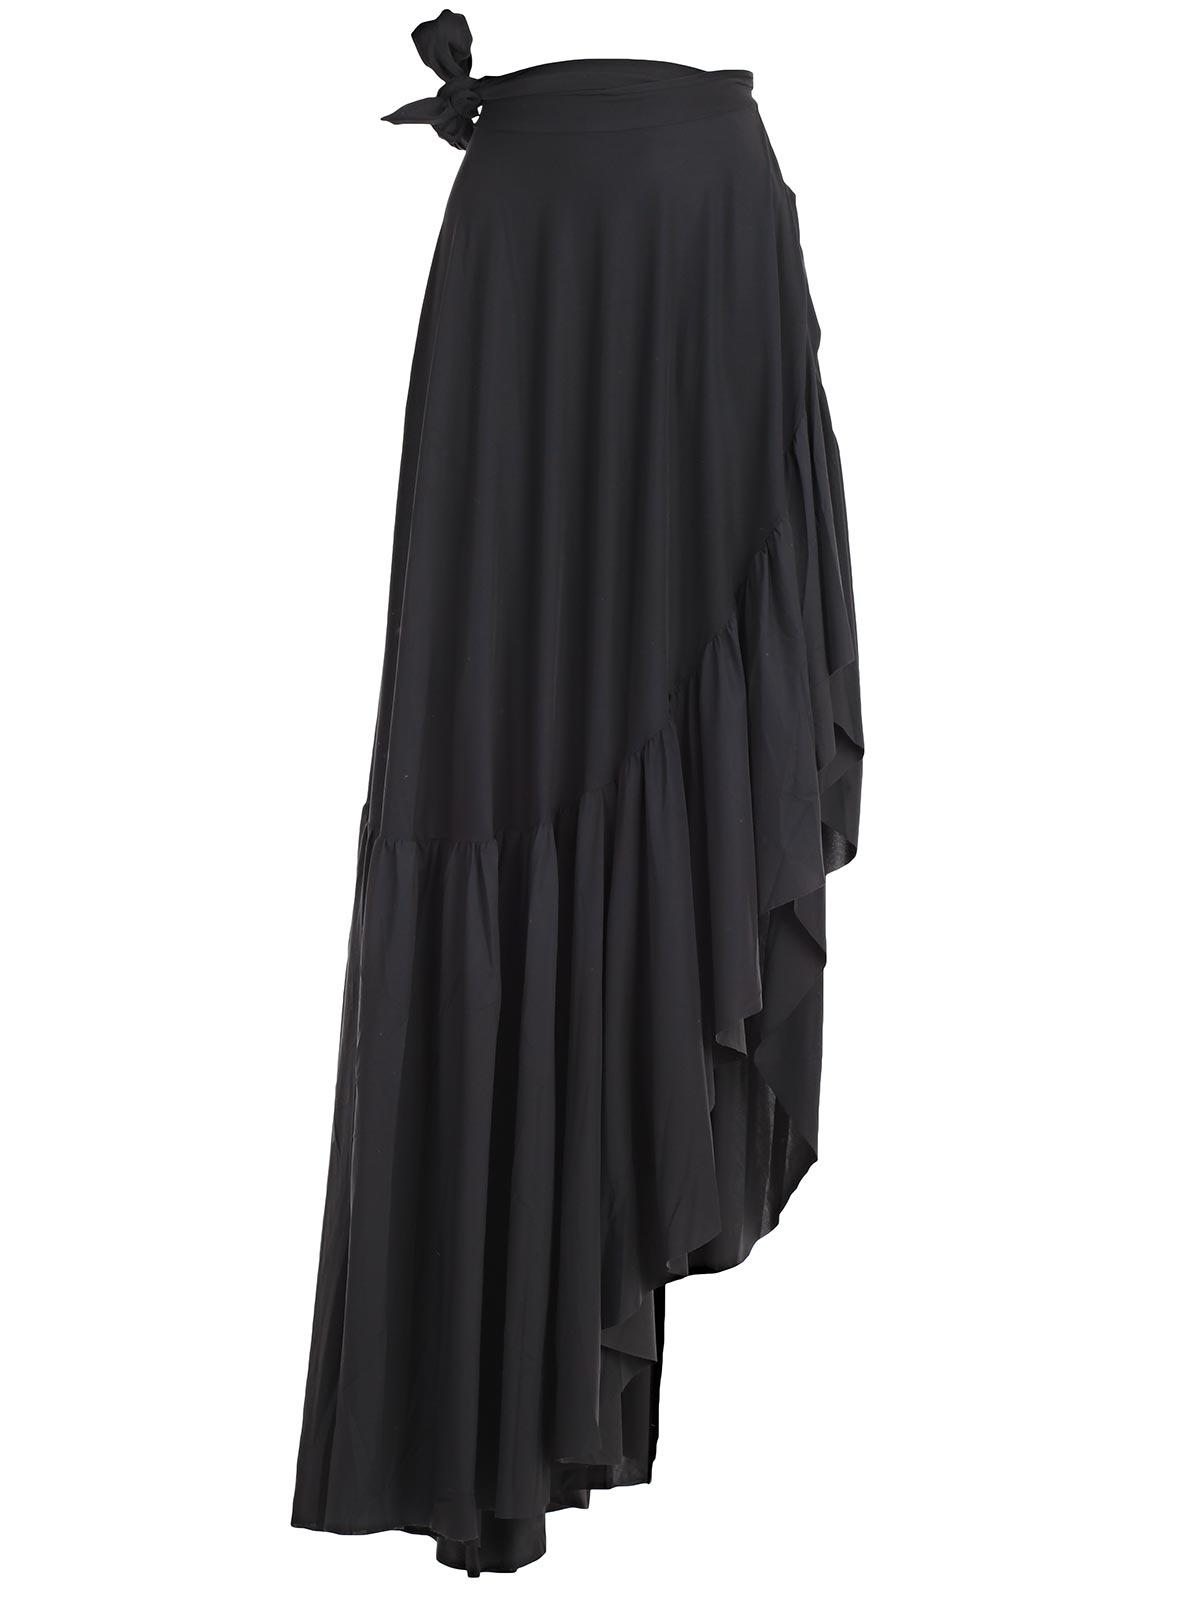 Picture of Chiara Boni La Petite Robe Skirt